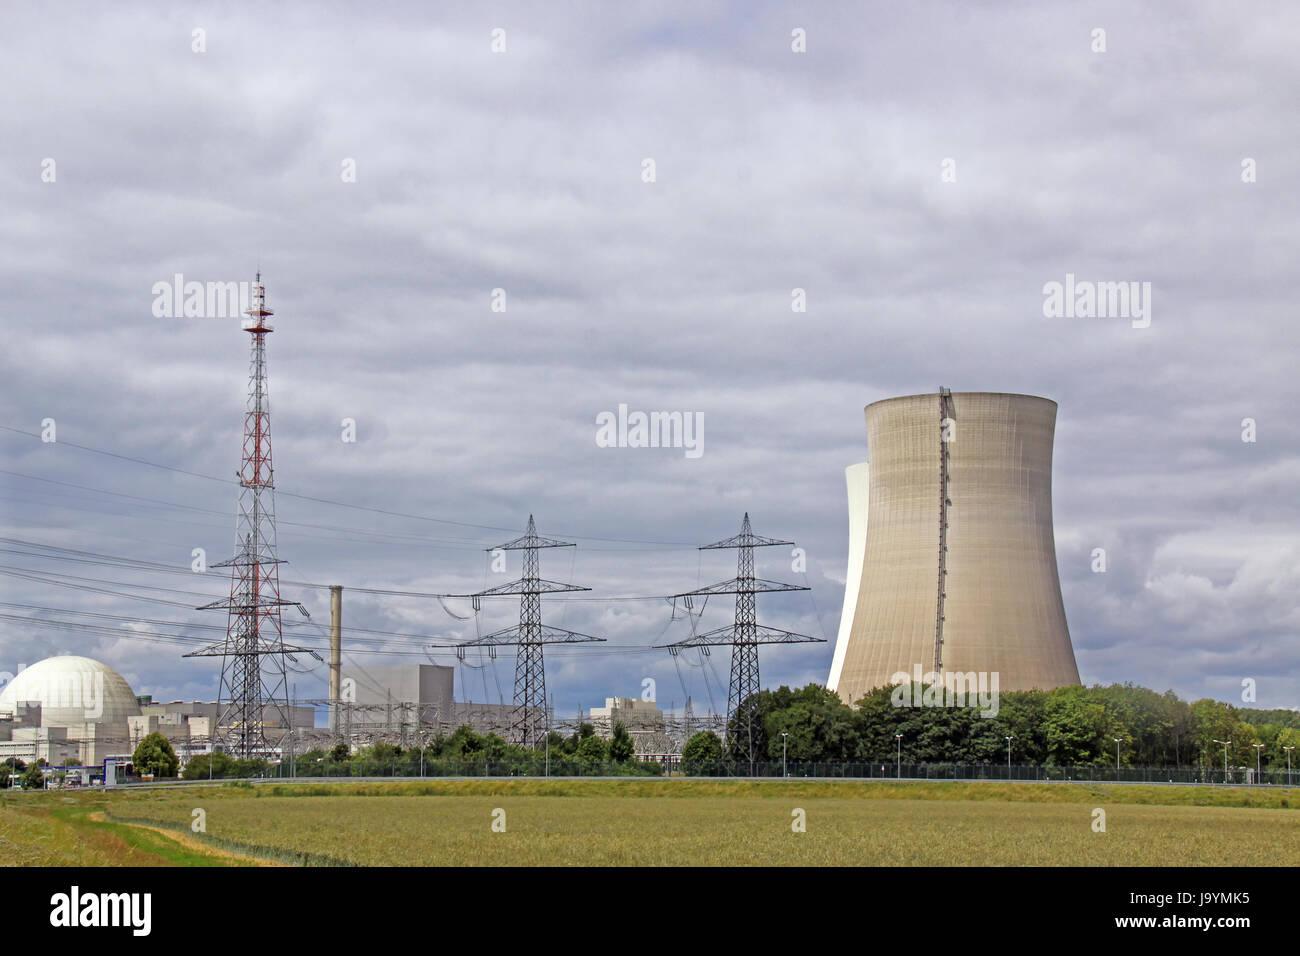 npp philippsburg - Stock Image